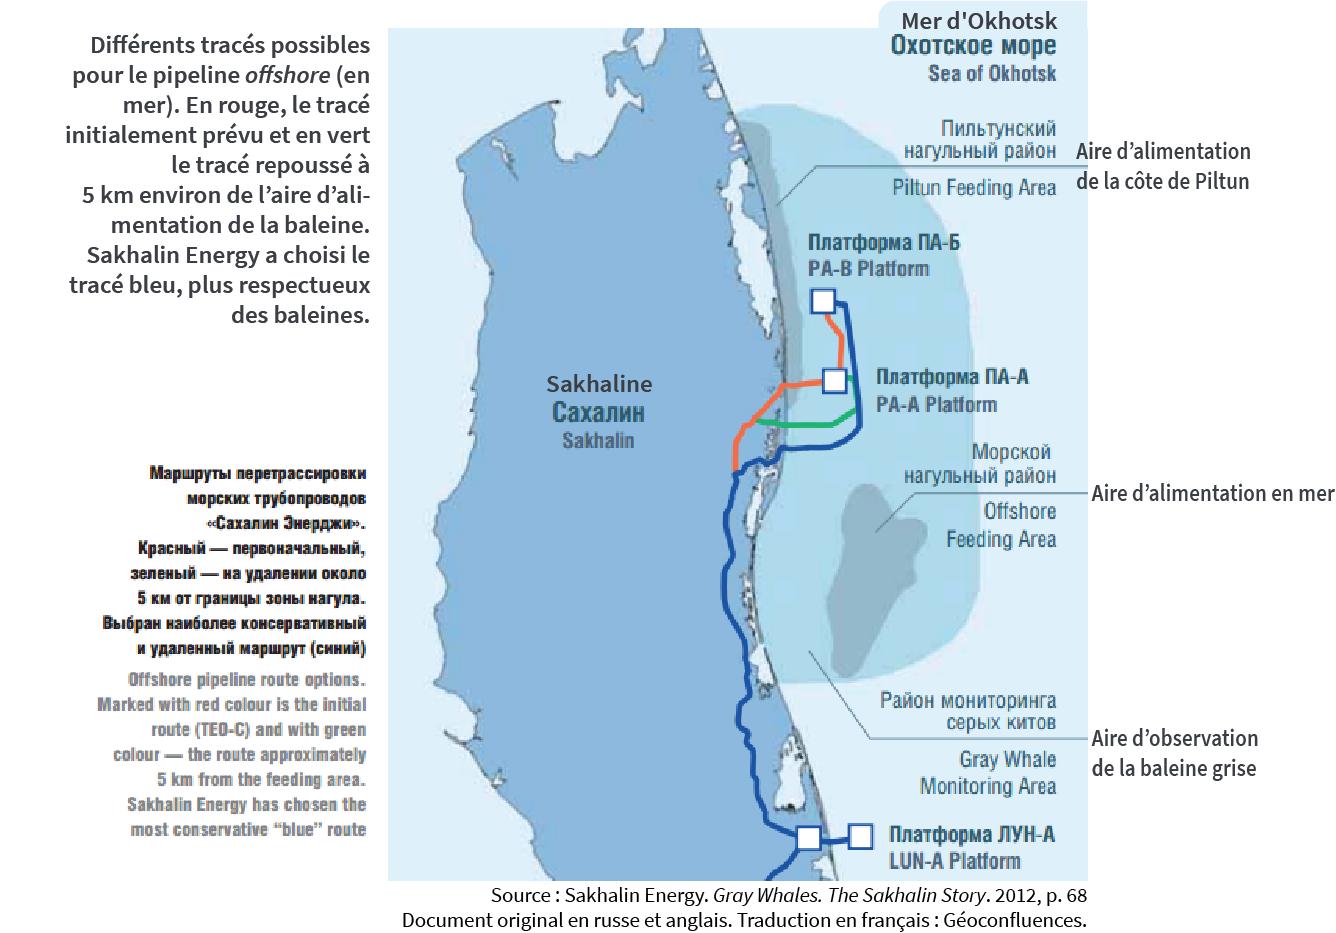 Les aires d'alimentations des baleines au large de Sakhaline